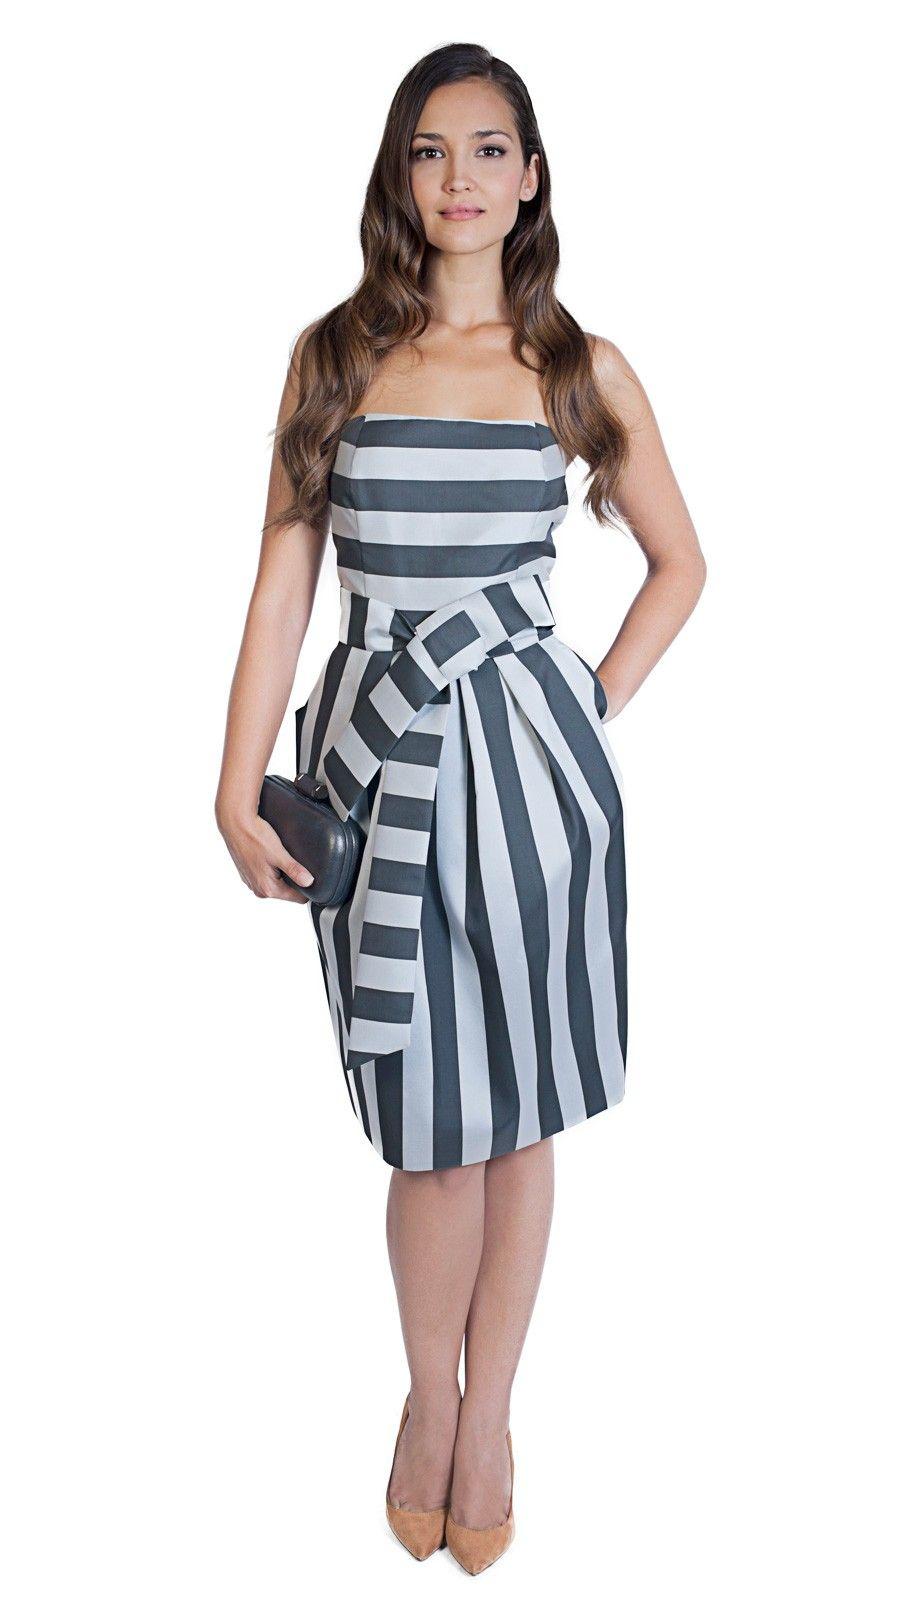 Modelos de vestidos para fiestas tipo coctel